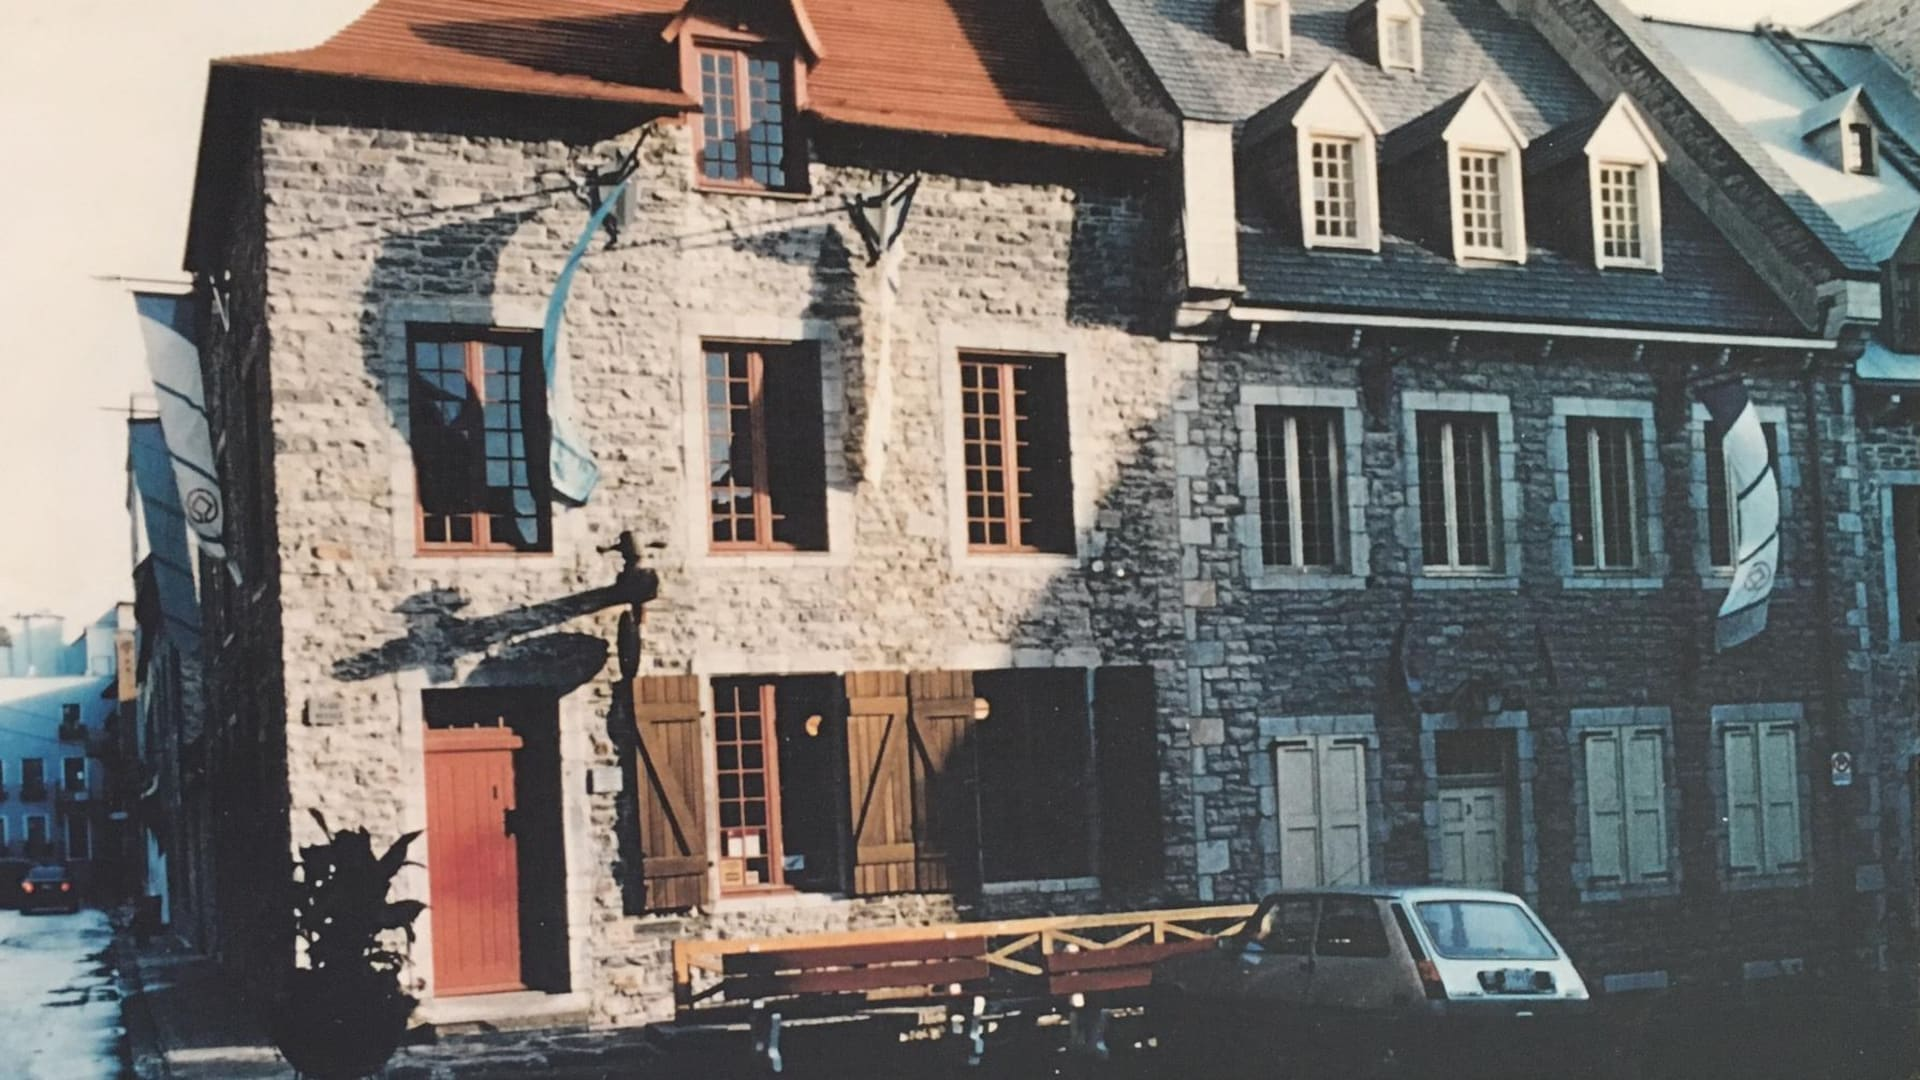 Le jour se lève sur la Maison des Vins de Québec, au début des années 1980, Une Renault 5, typique du temps, est stationnée juste devant les bancs publics près de l'entrée. Des caisses sont empilées à l'intérieur, derrière les fenêtres entrouvertes.